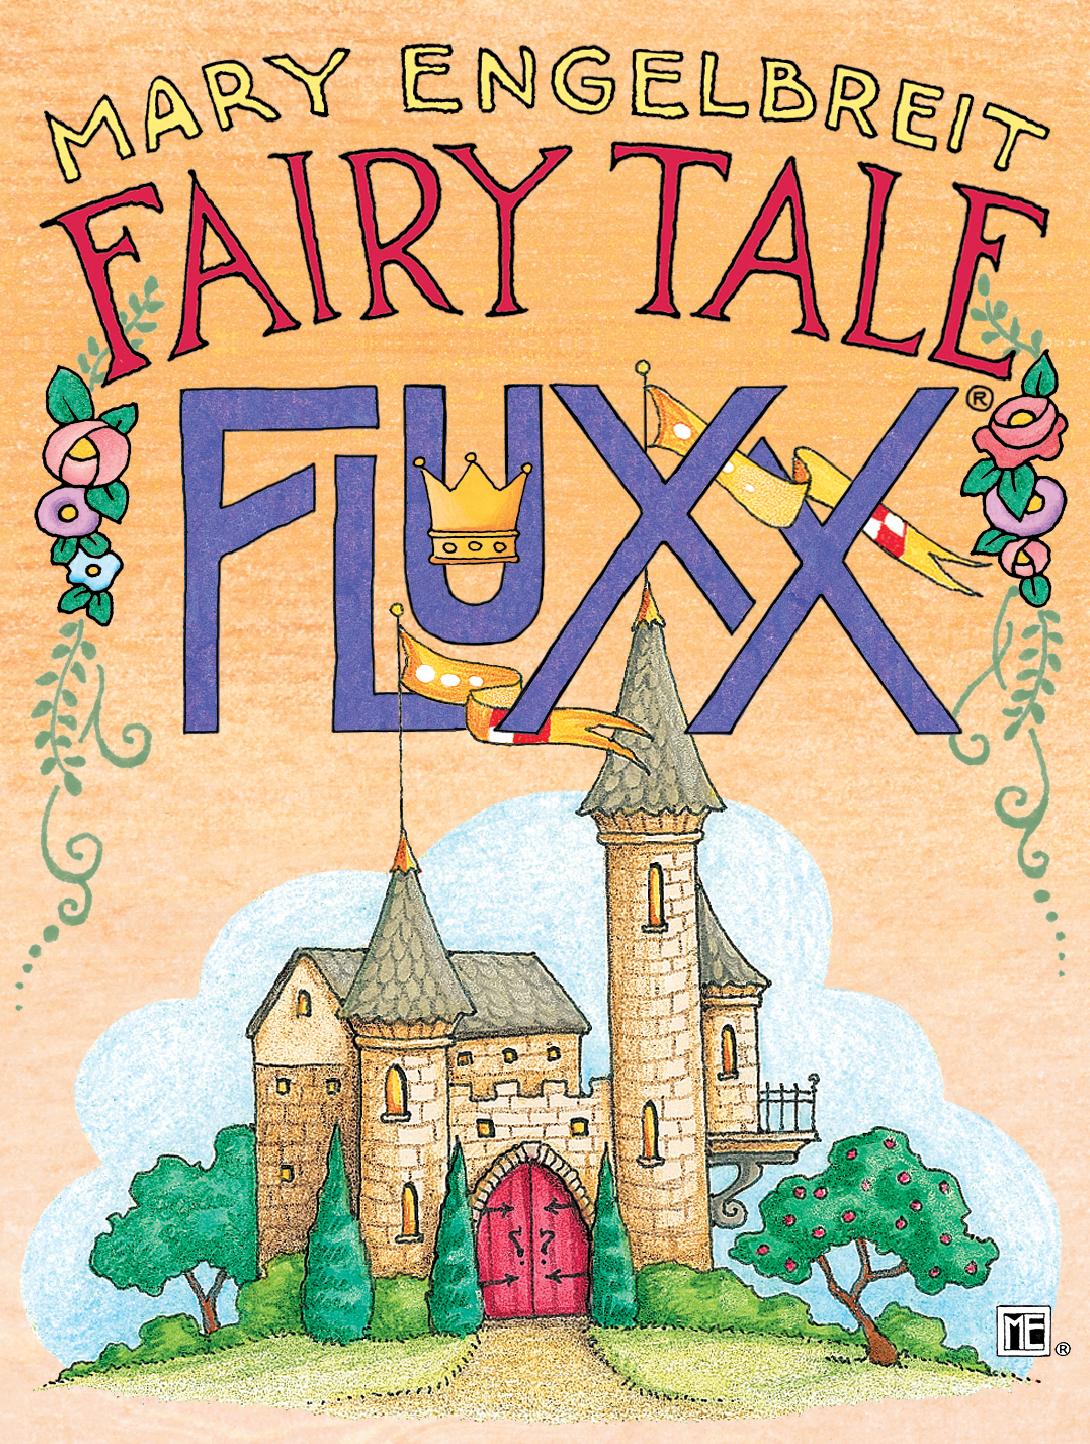 Fairytale Fluxx flat cover